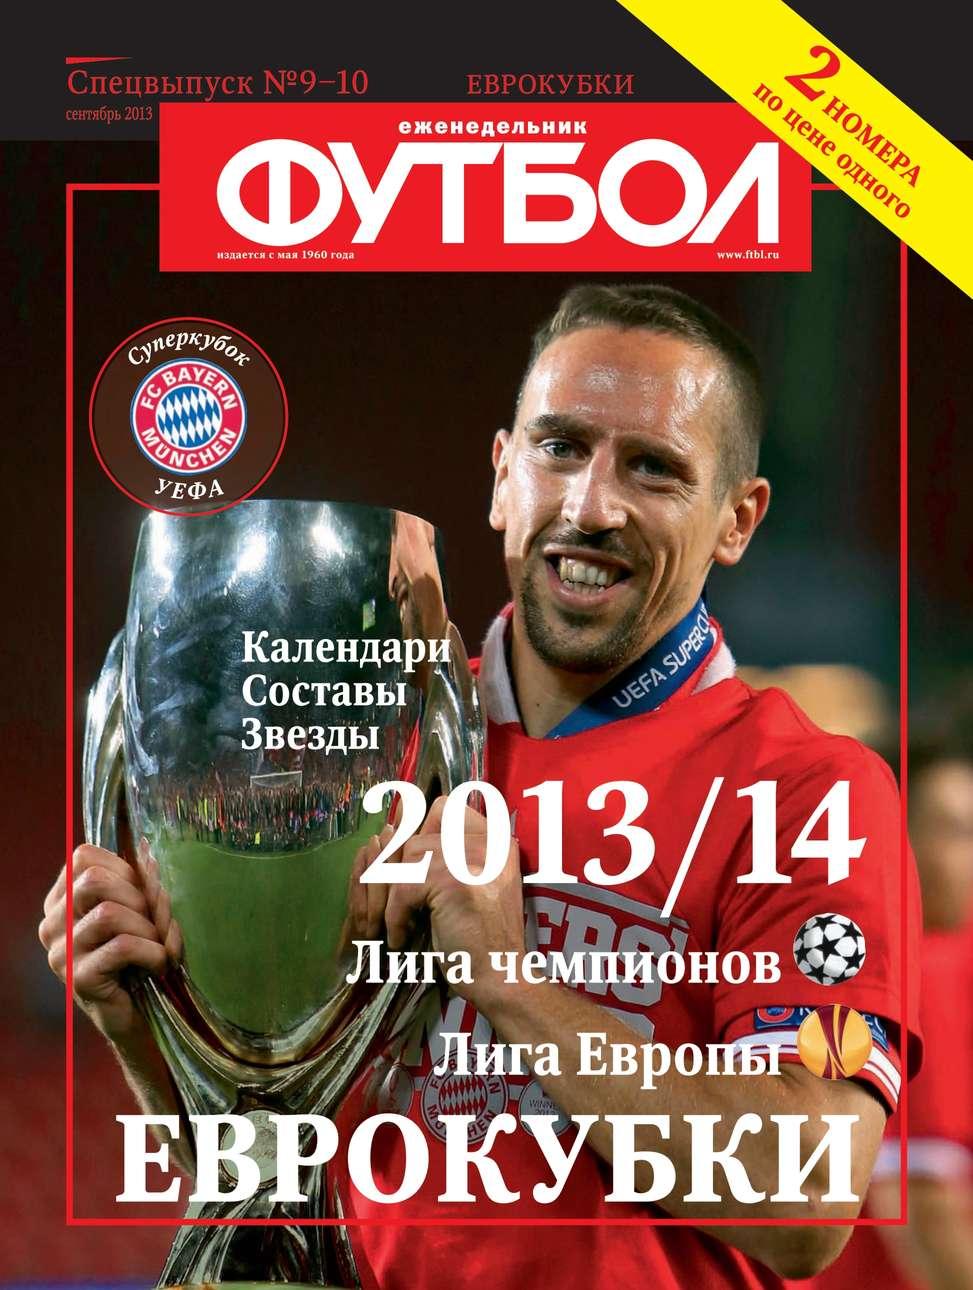 Редакция журнала Футбол Спецвыпуск Футбол Спецвыпуск 09-10-2013